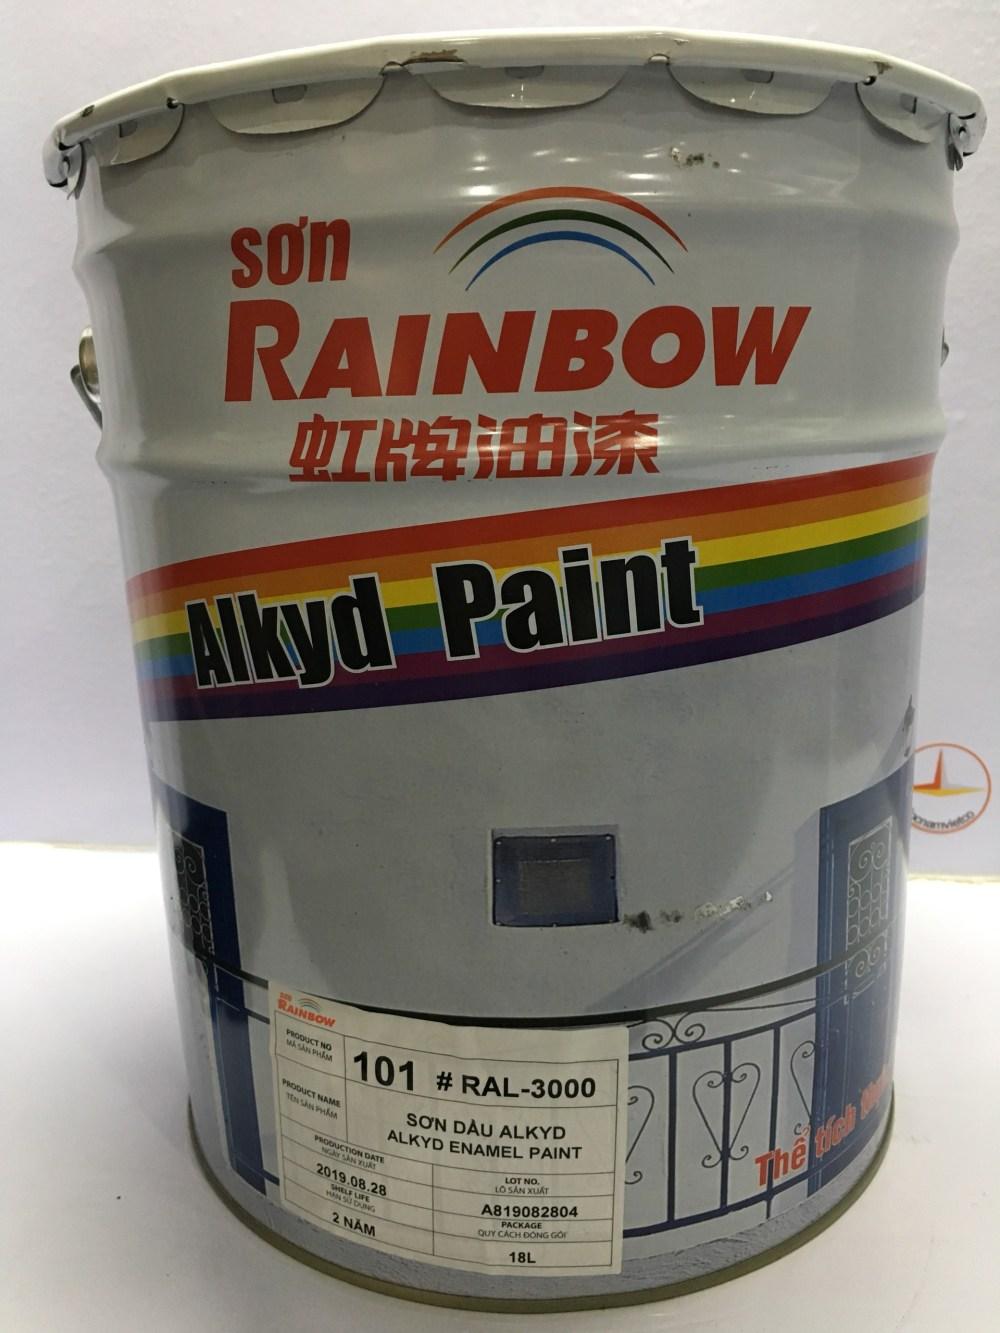 SON ALKYD RAINBOW MAU DO RAL 3000 -18L (2)